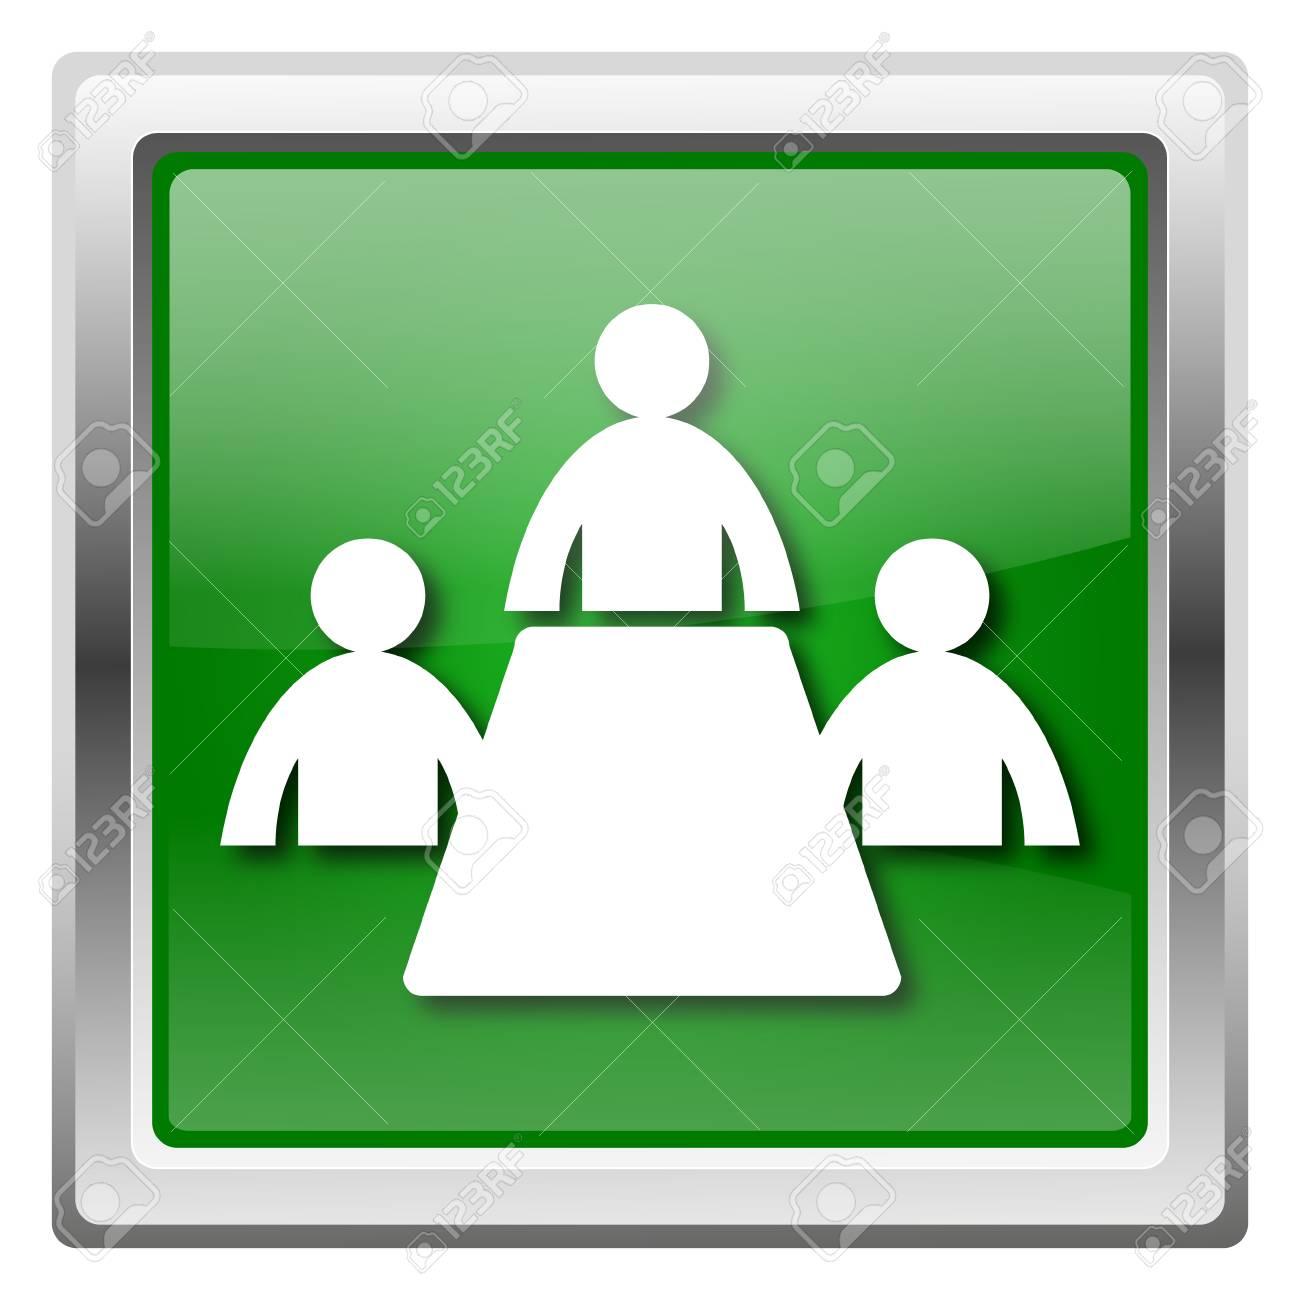 Metallic icon with white design on green background Stock Photo - 22562626